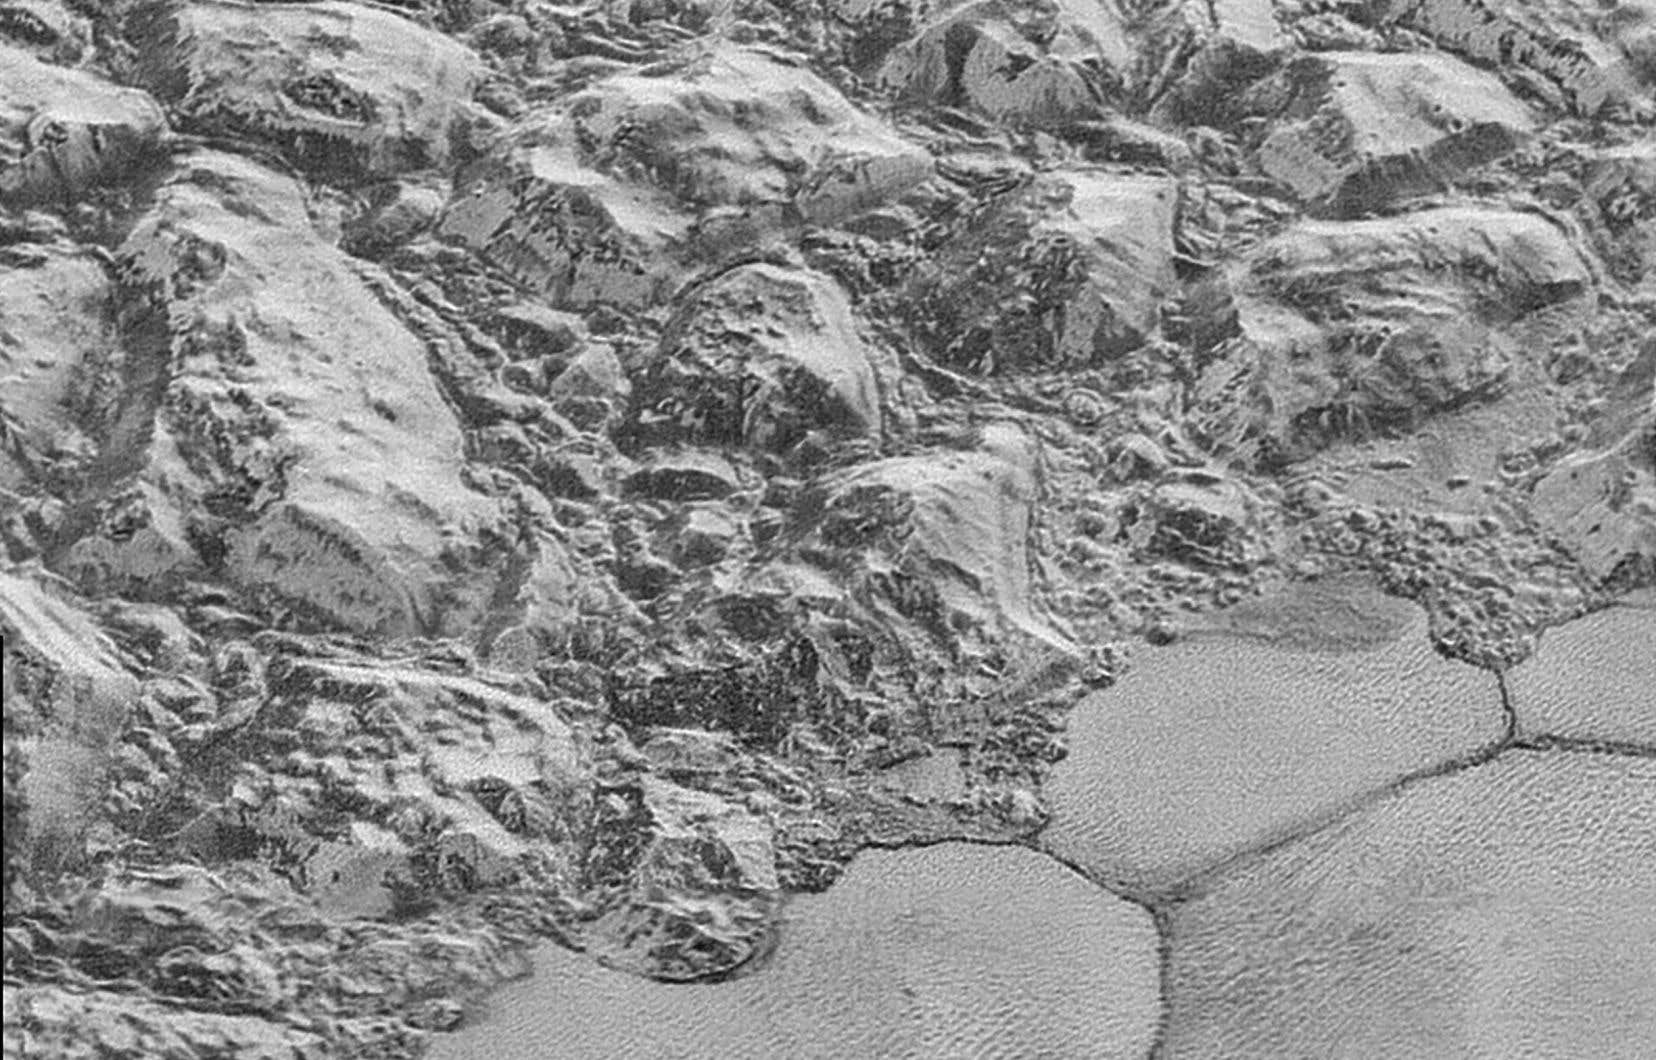 L'un des clichés pris par la sonde «New Horizons», qui ont permis à l'équipe de chercheurs de découvrir des dunes près d'une chaîne de montagnes.